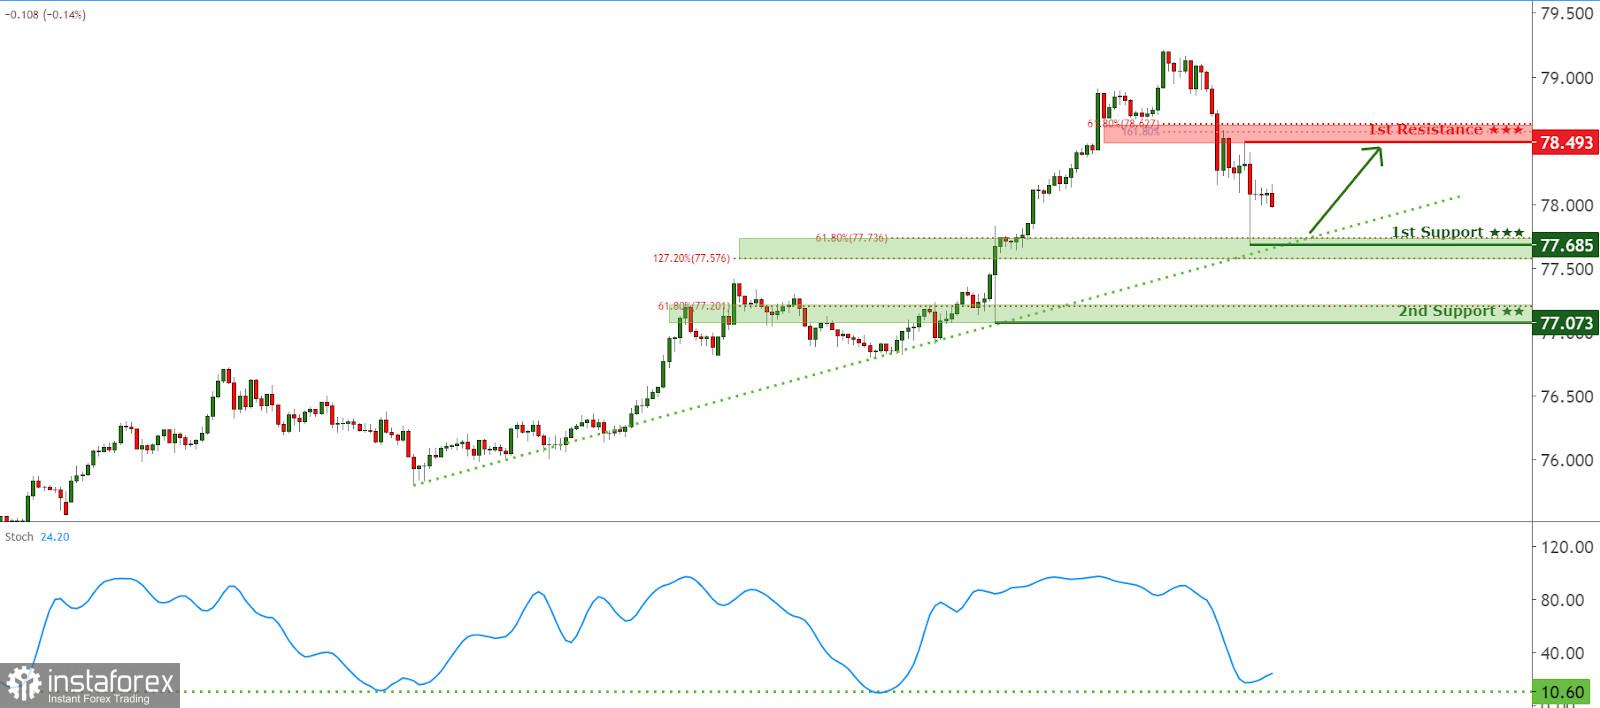 Tỷ giá NZD/JPY đang đối mặt với áp lực tăng giá, tiềm năng tăng hơn nữa!